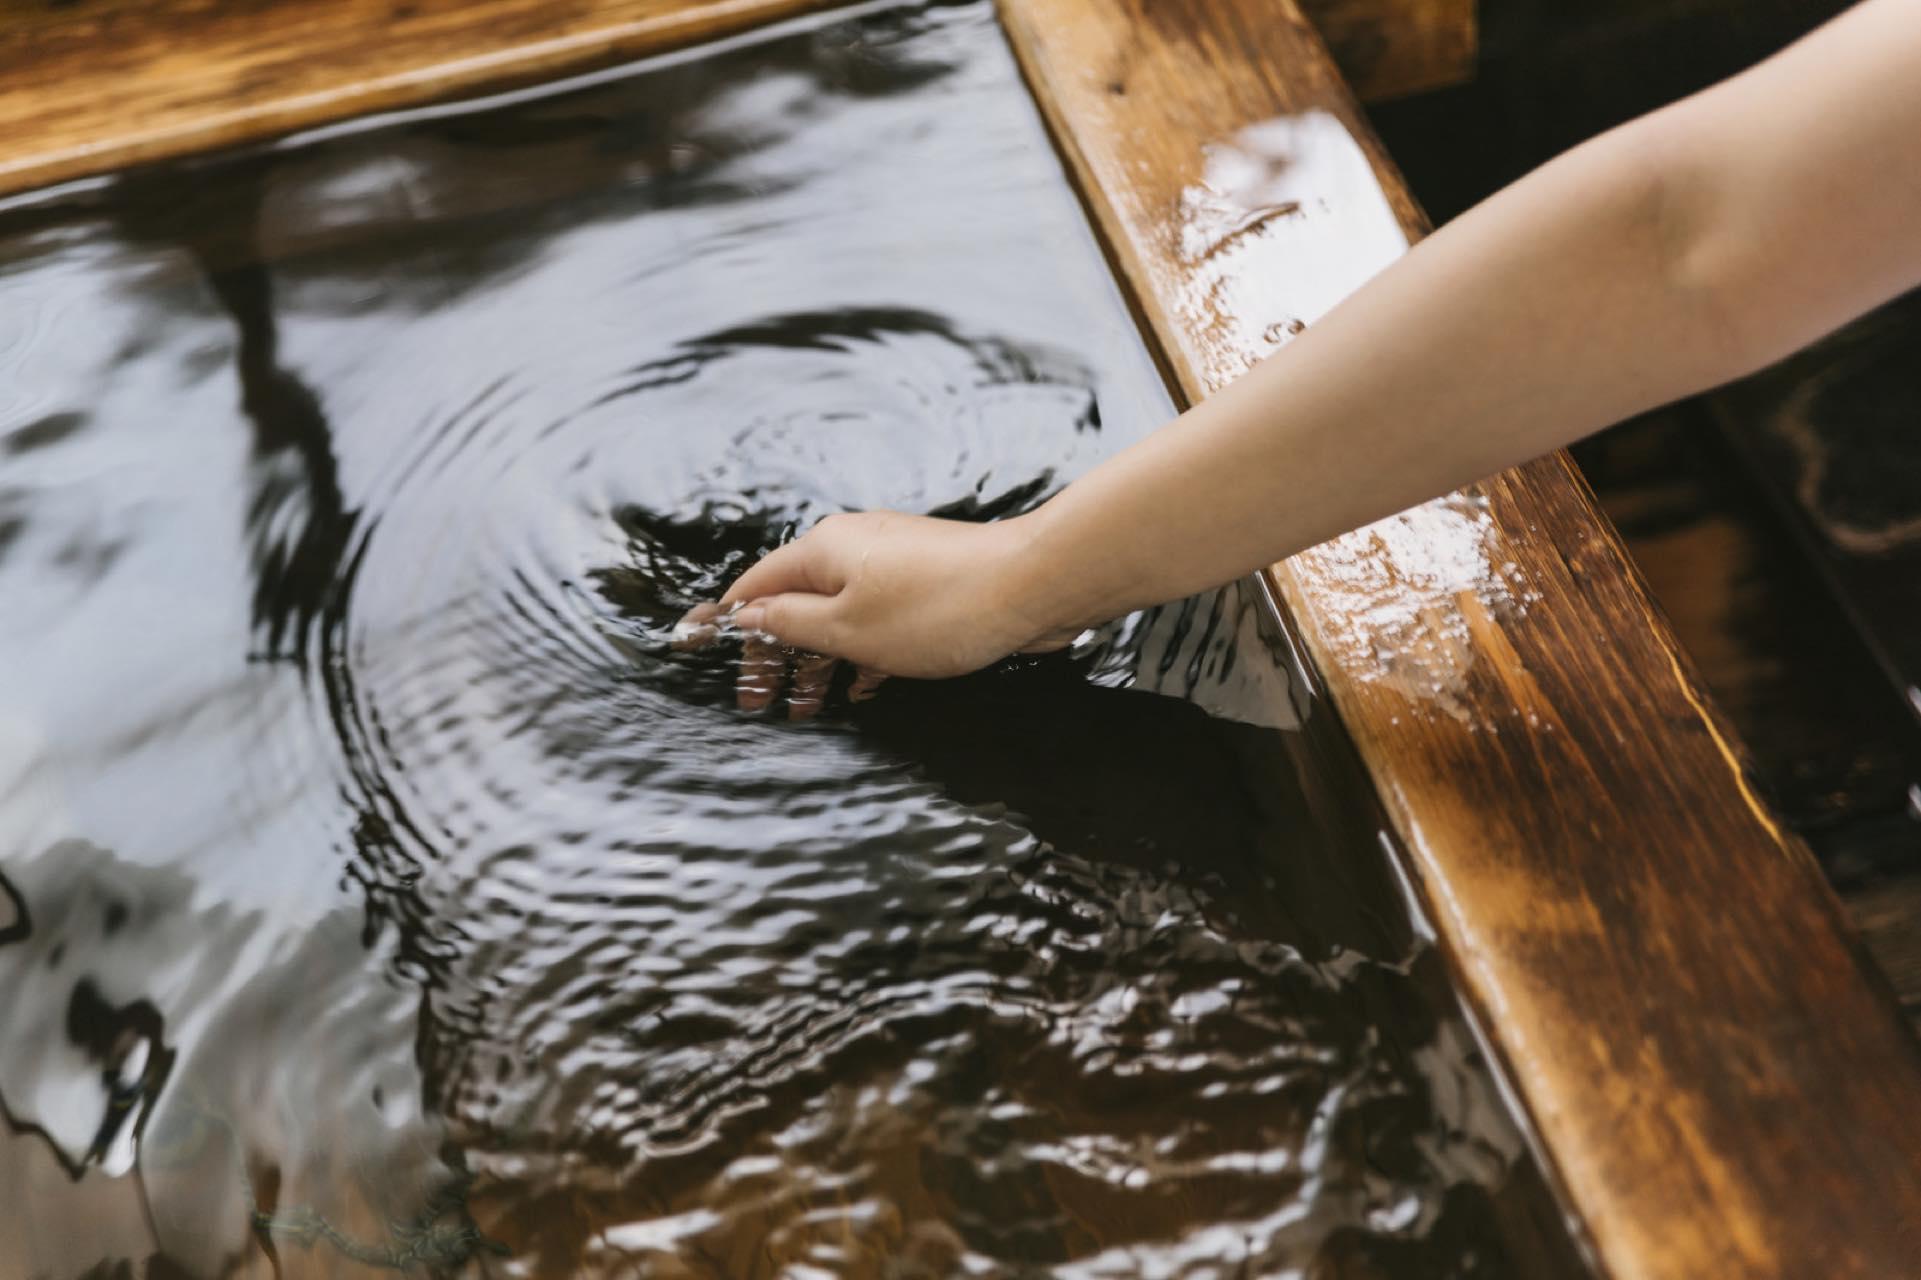 女性が温泉の湯船に手を入れているところ